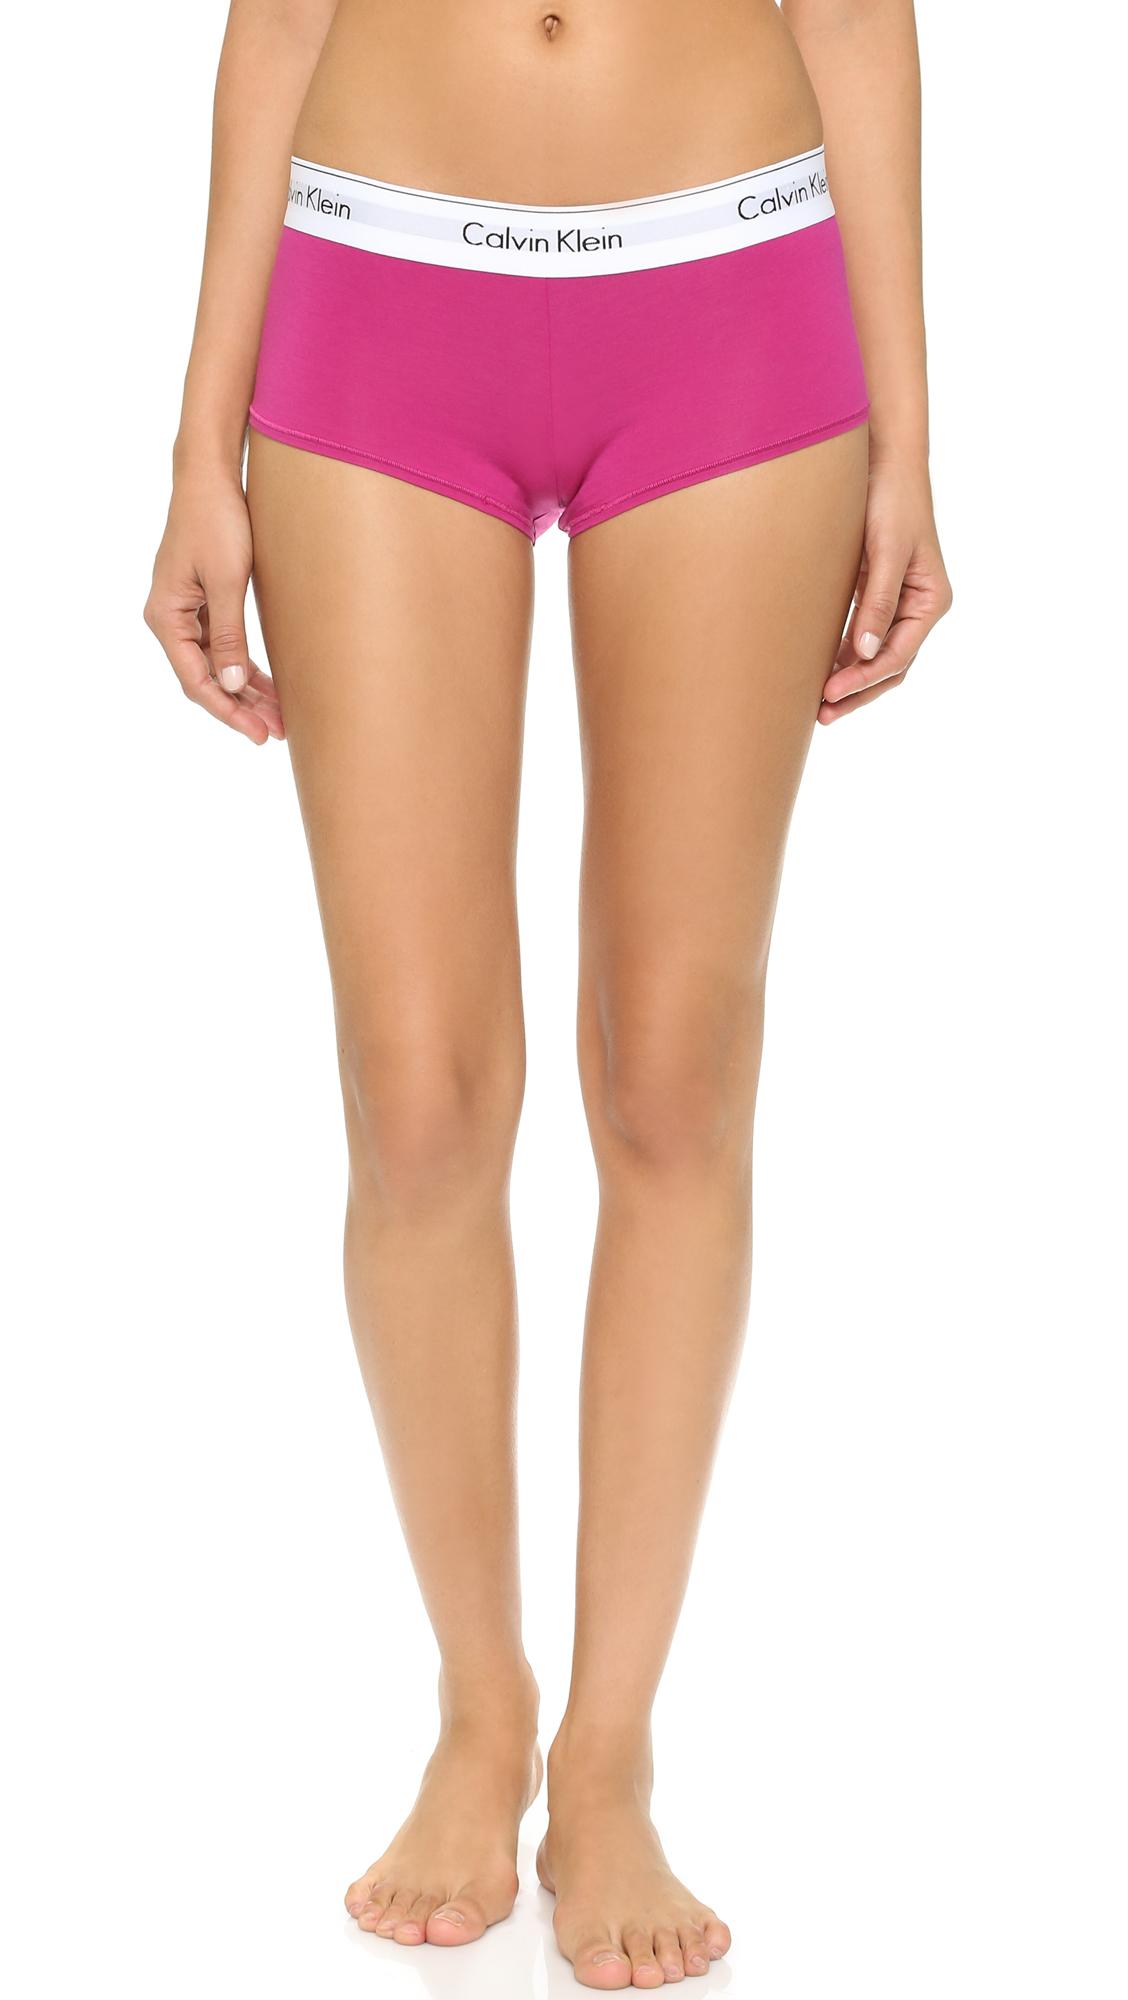 dcd615fb22 Lyst - Calvin Klein Modern Cotton Boyshorts - Pink Desire in Pink